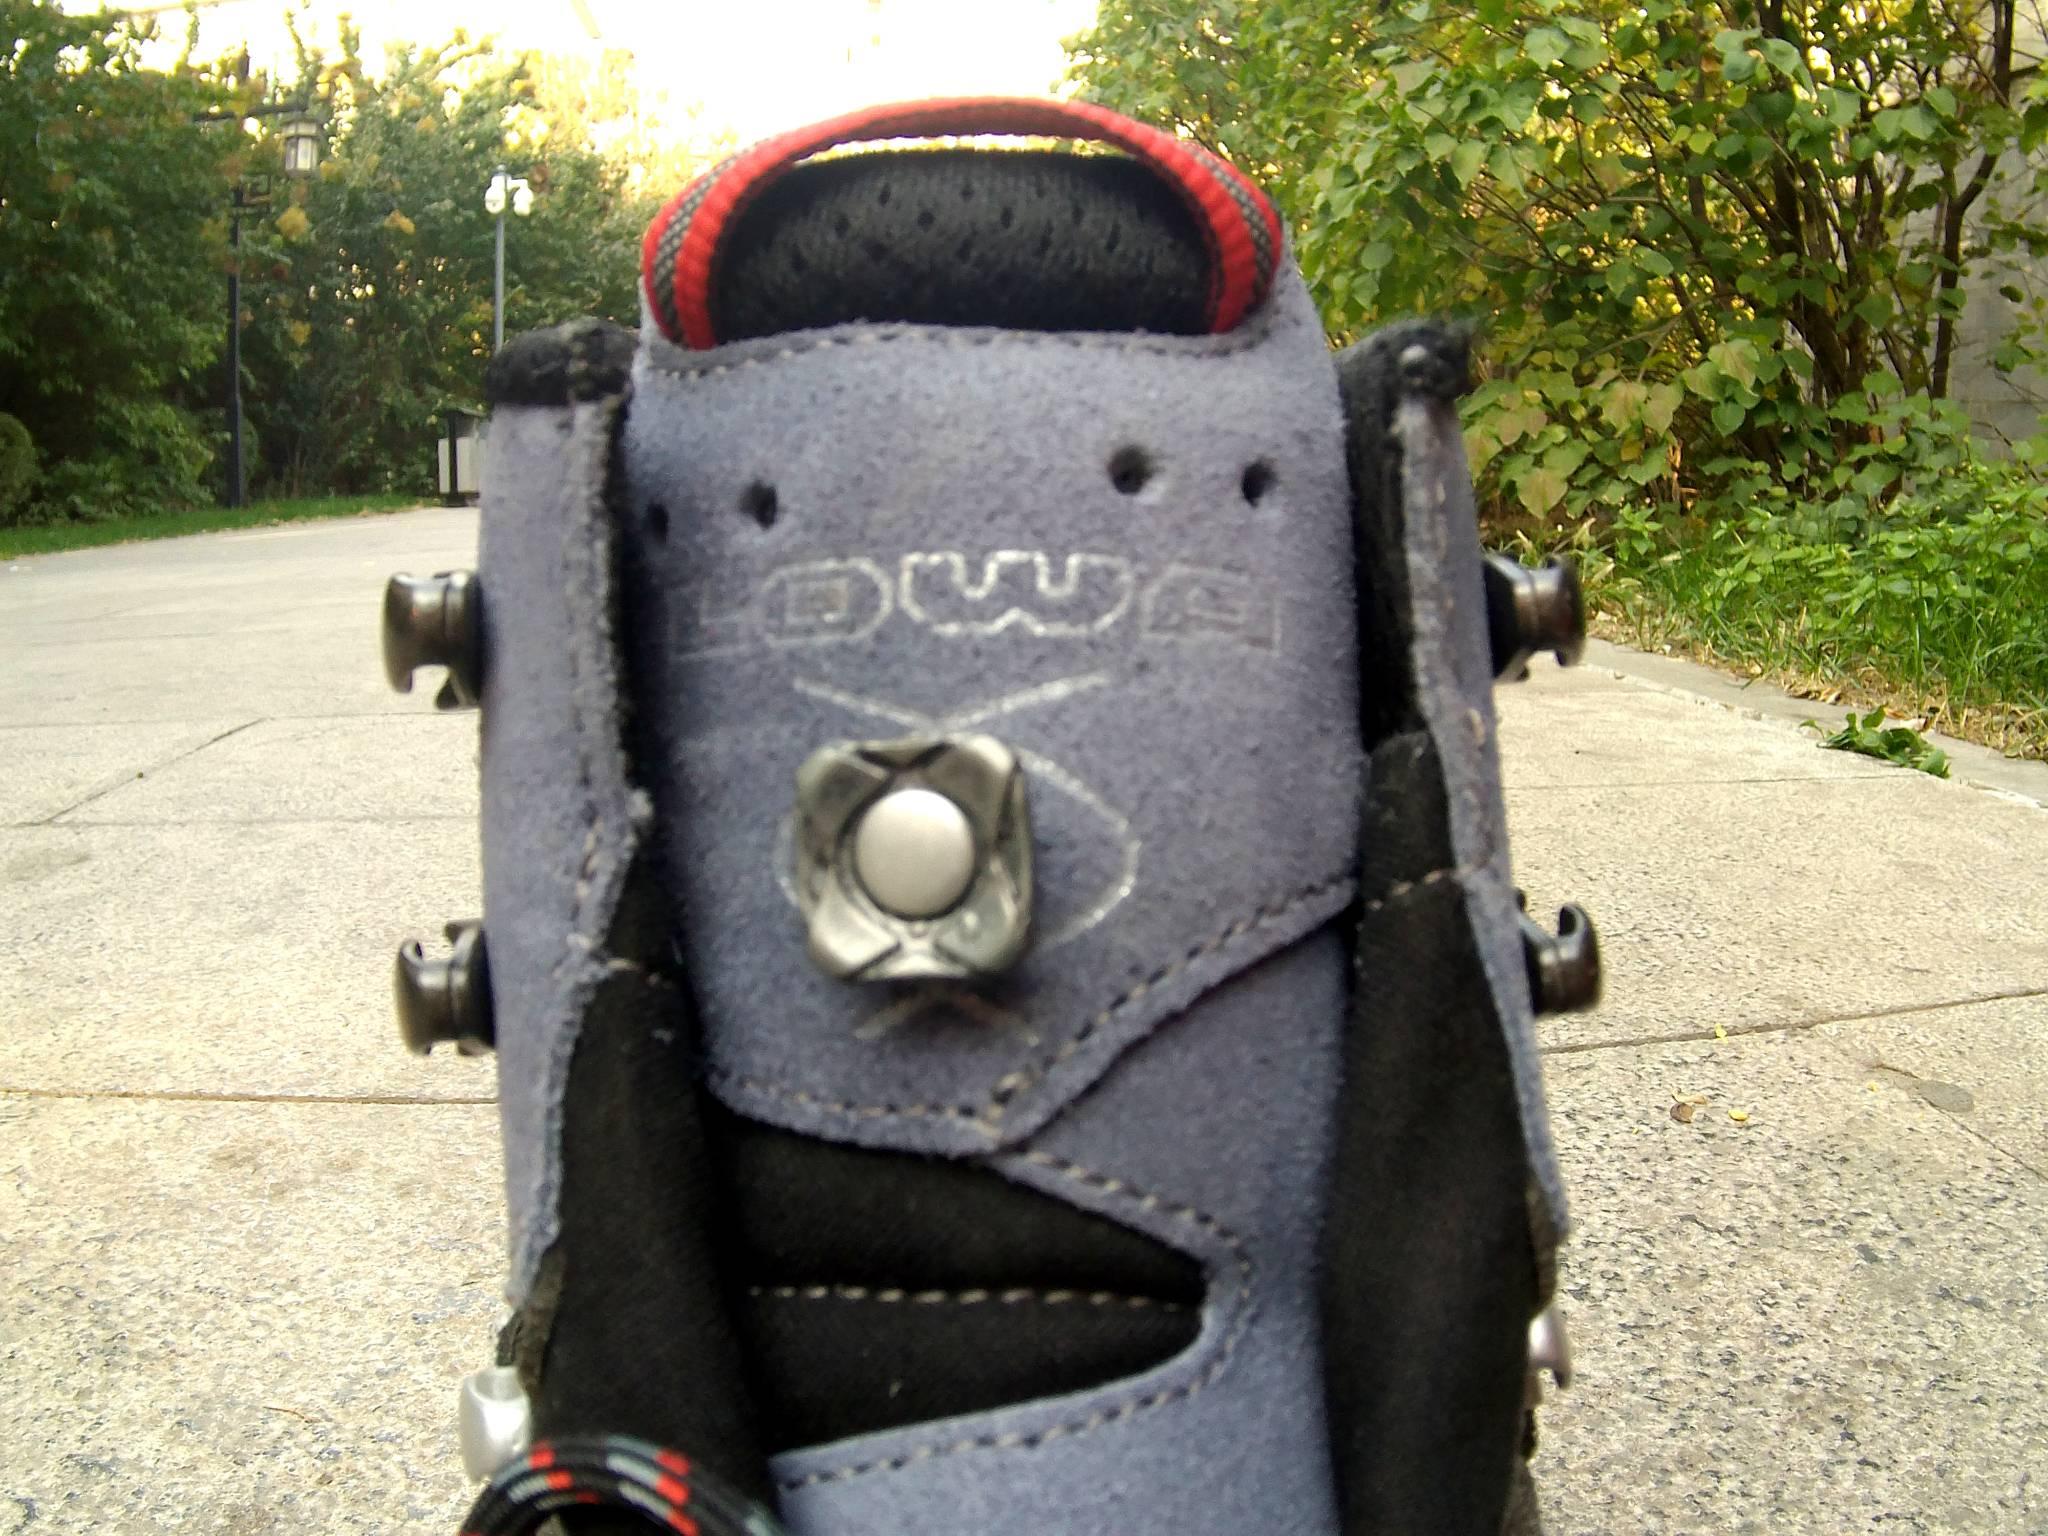 中間的突出是鞋帶纏繞裝置,有它可以在行走時調節鞋帶舒適度圖片